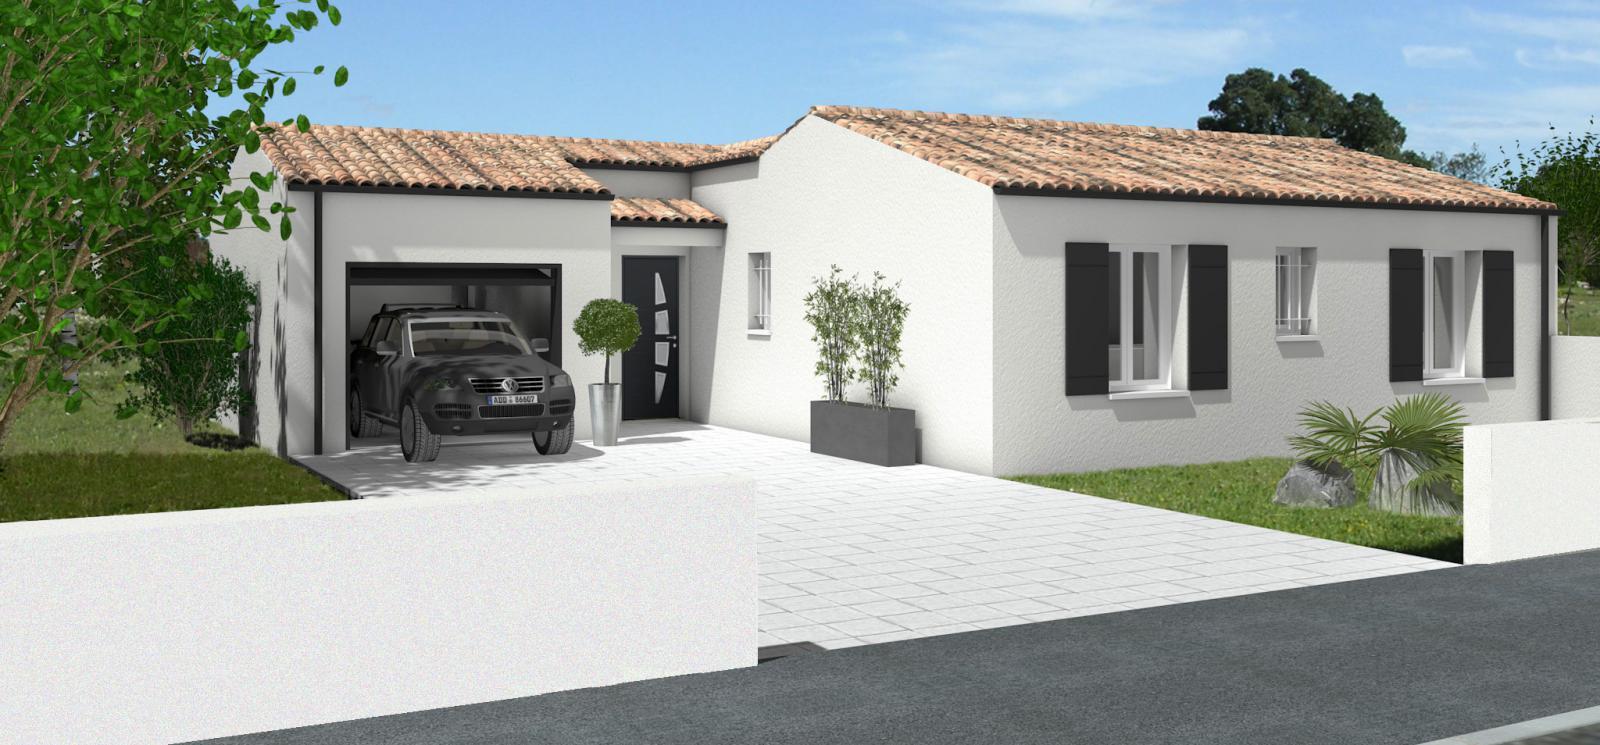 Meilleur constructeur maison ile de france ventana blog for Construire une maison france